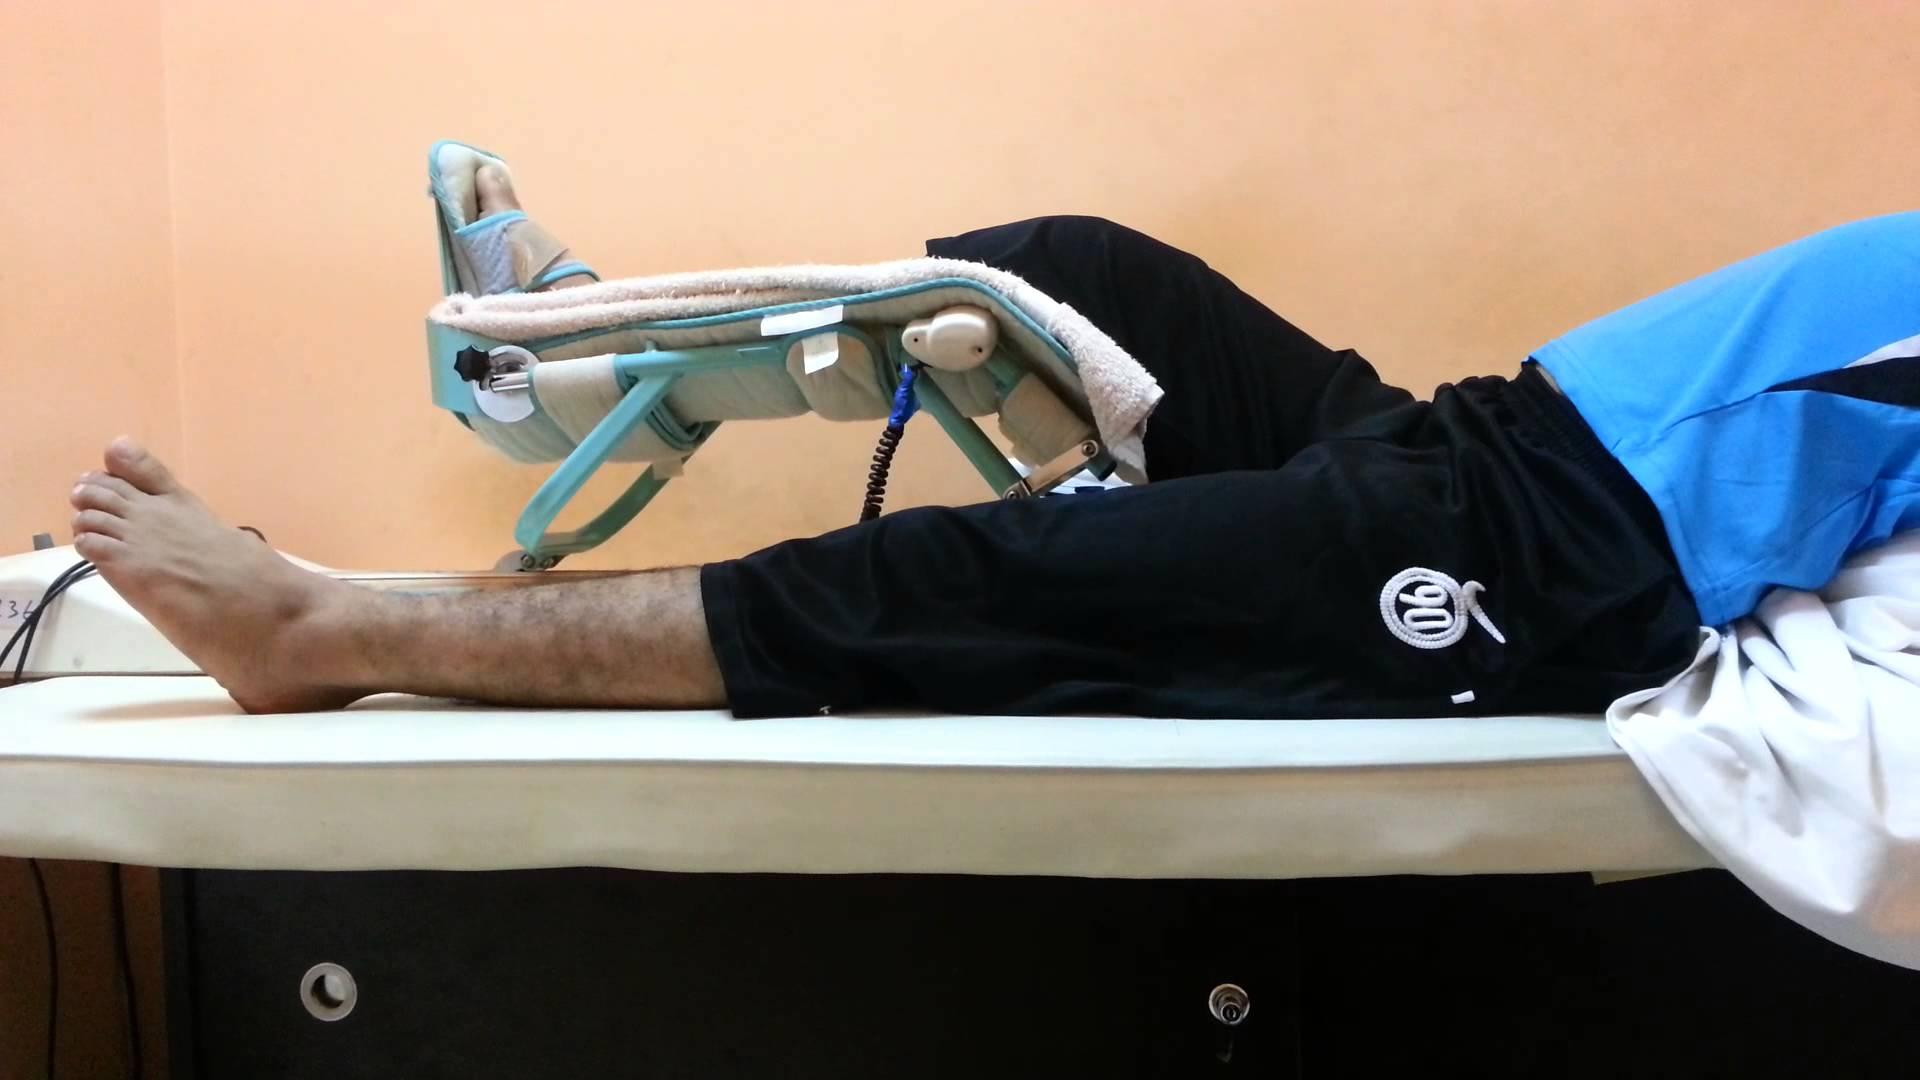 صوره عملية الرباط الصليبي , العلاج من الرباط الصليبي وقله حدوثه